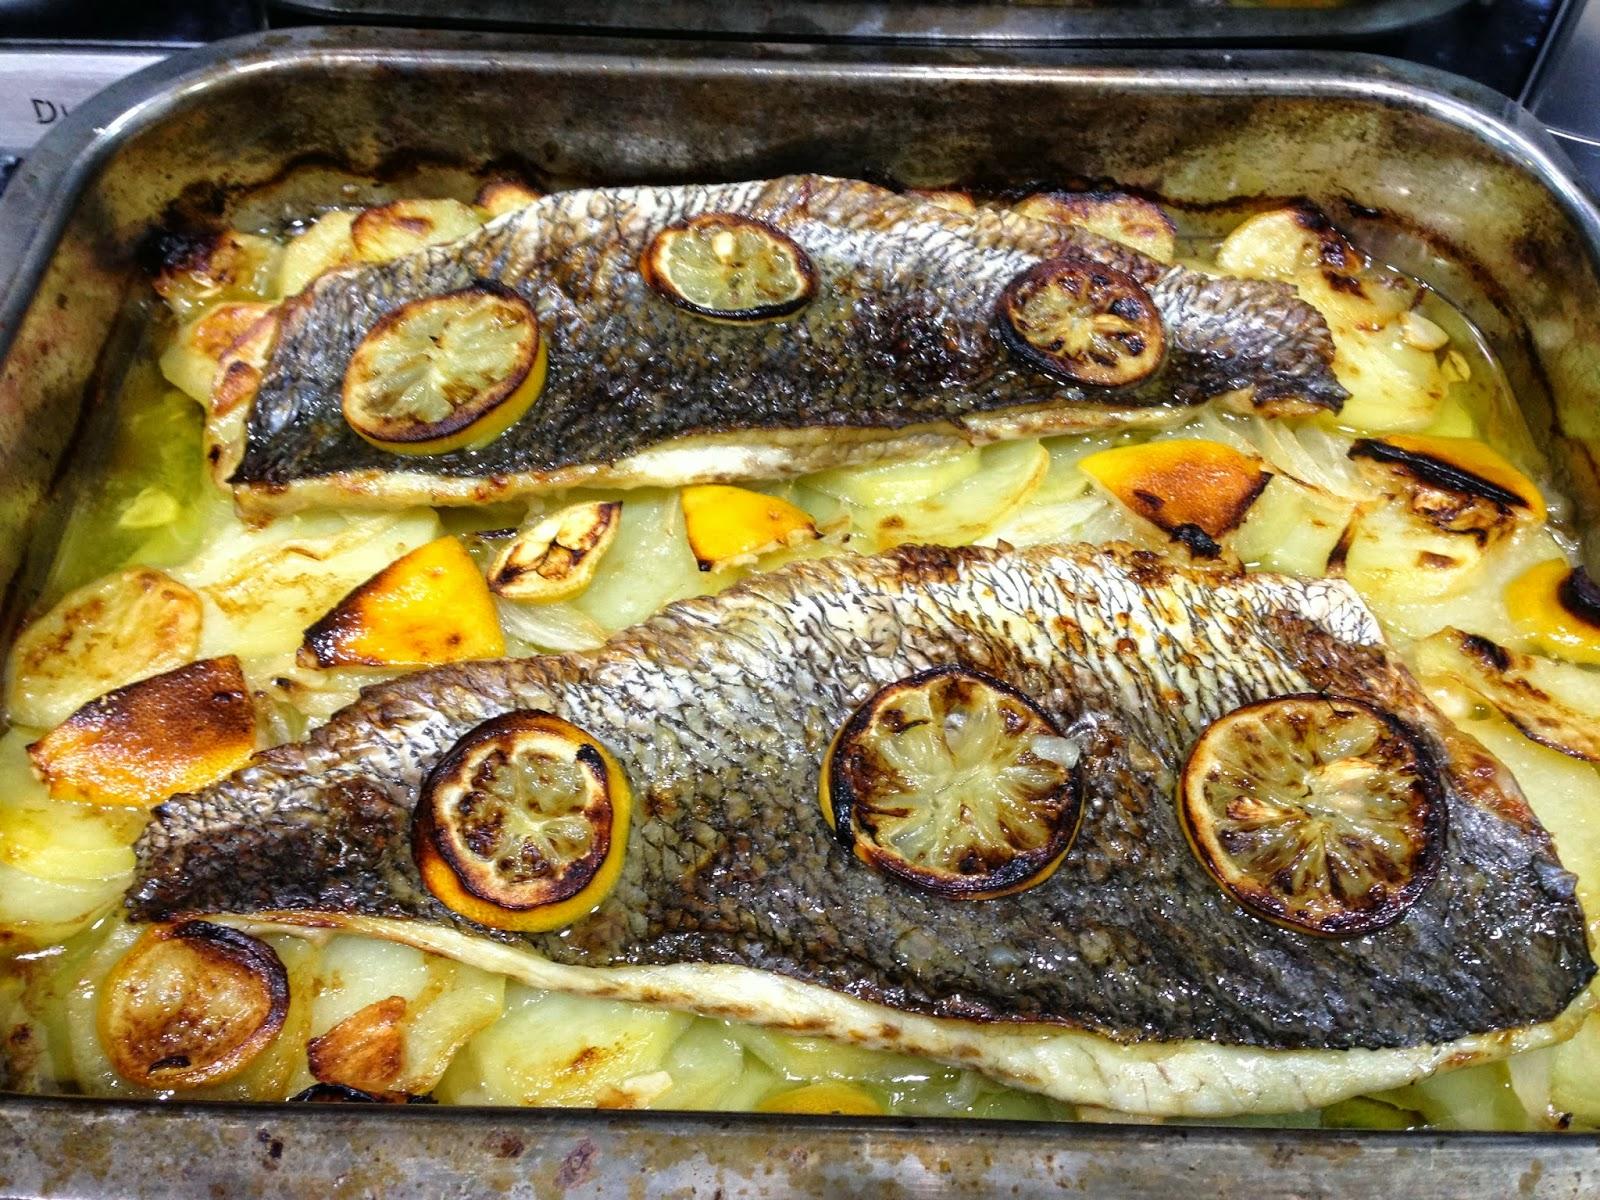 Cocina 3 generaciones corvina al horno - Cocina al horno ...